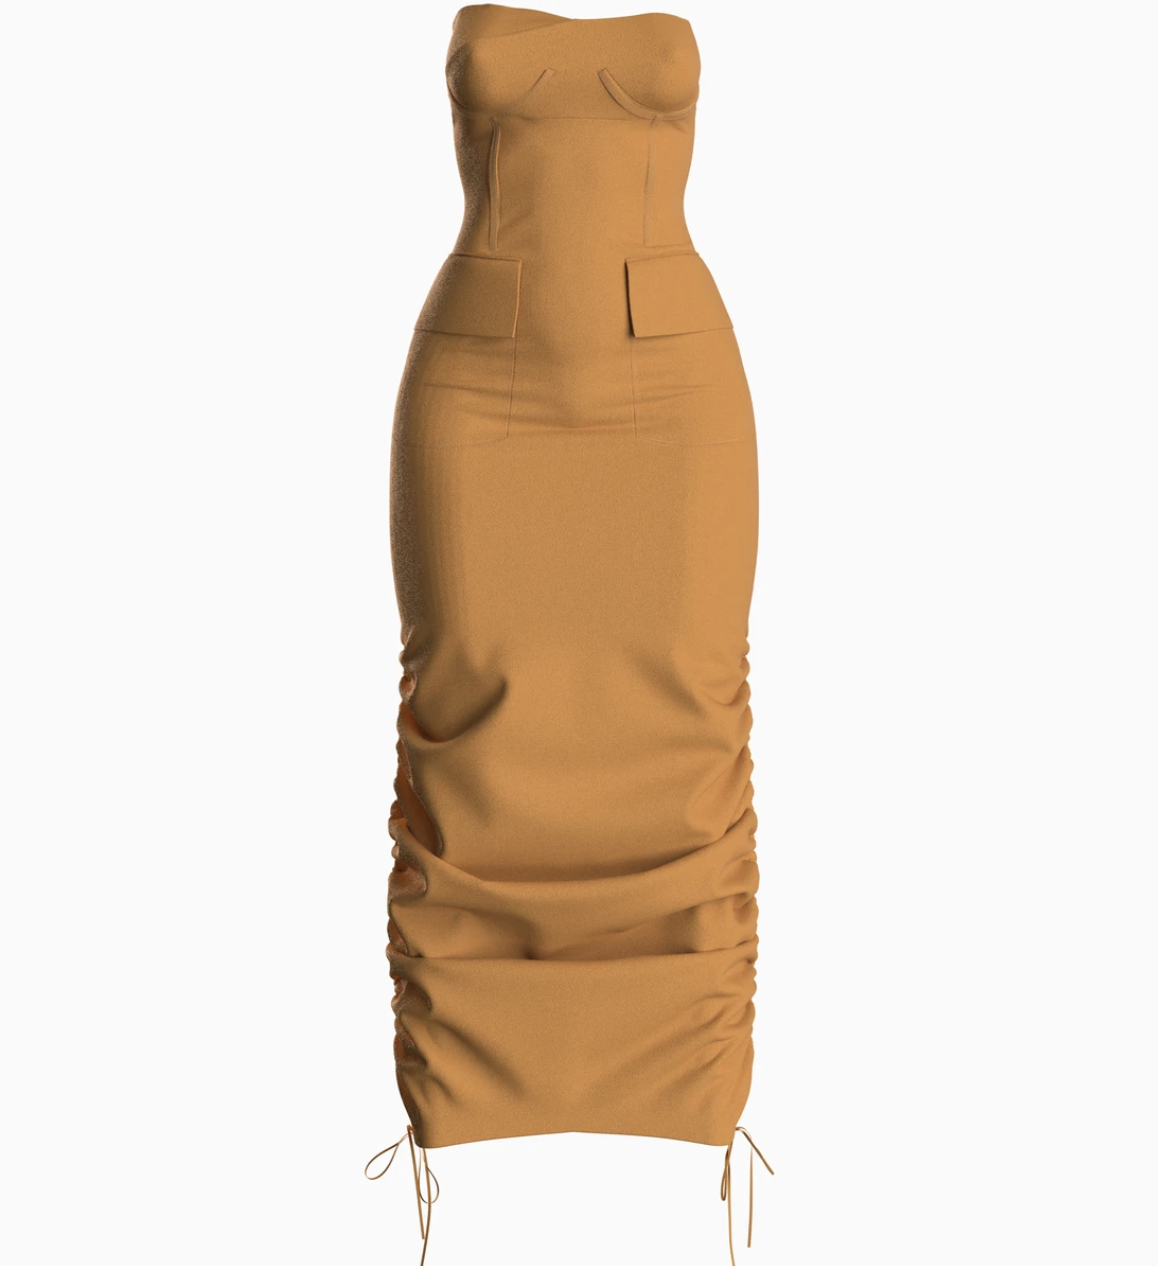 The dress in carmel